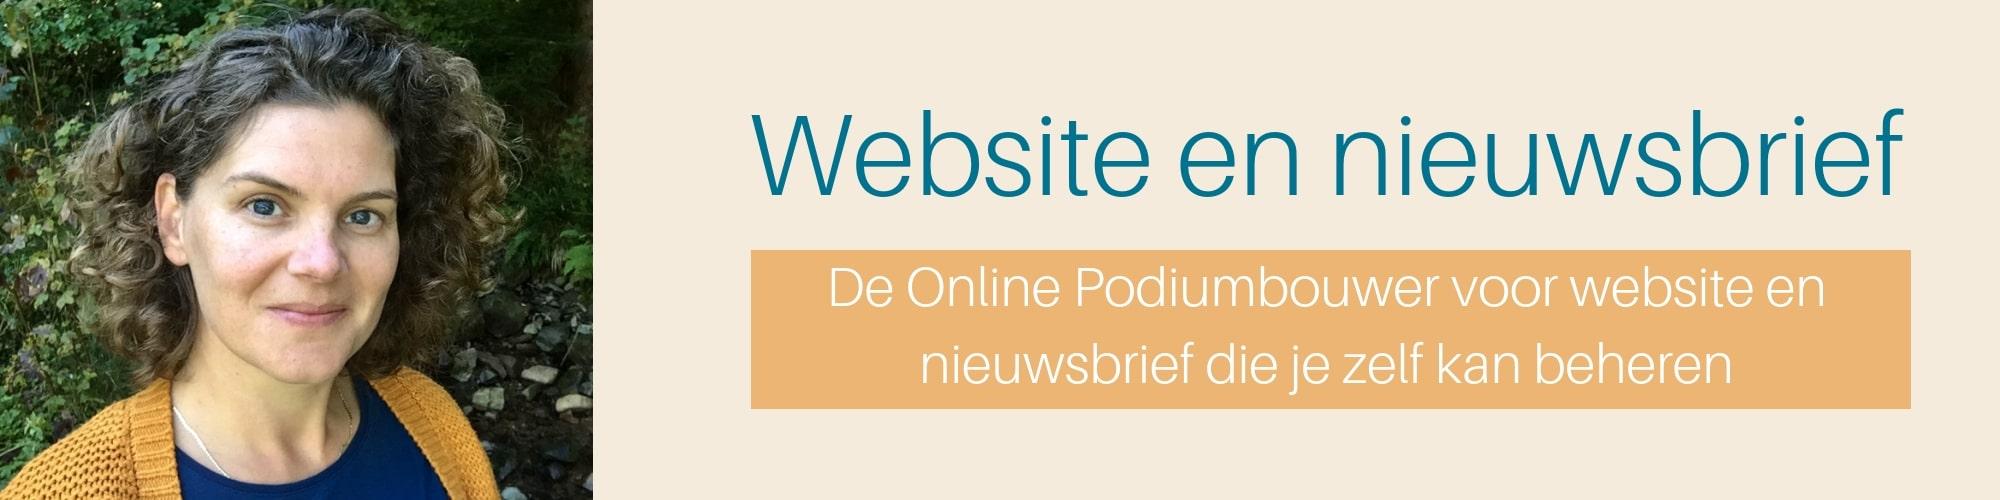 De Online Podiumbouwer voor website en nieuwsbrief die je zelf kan beheren